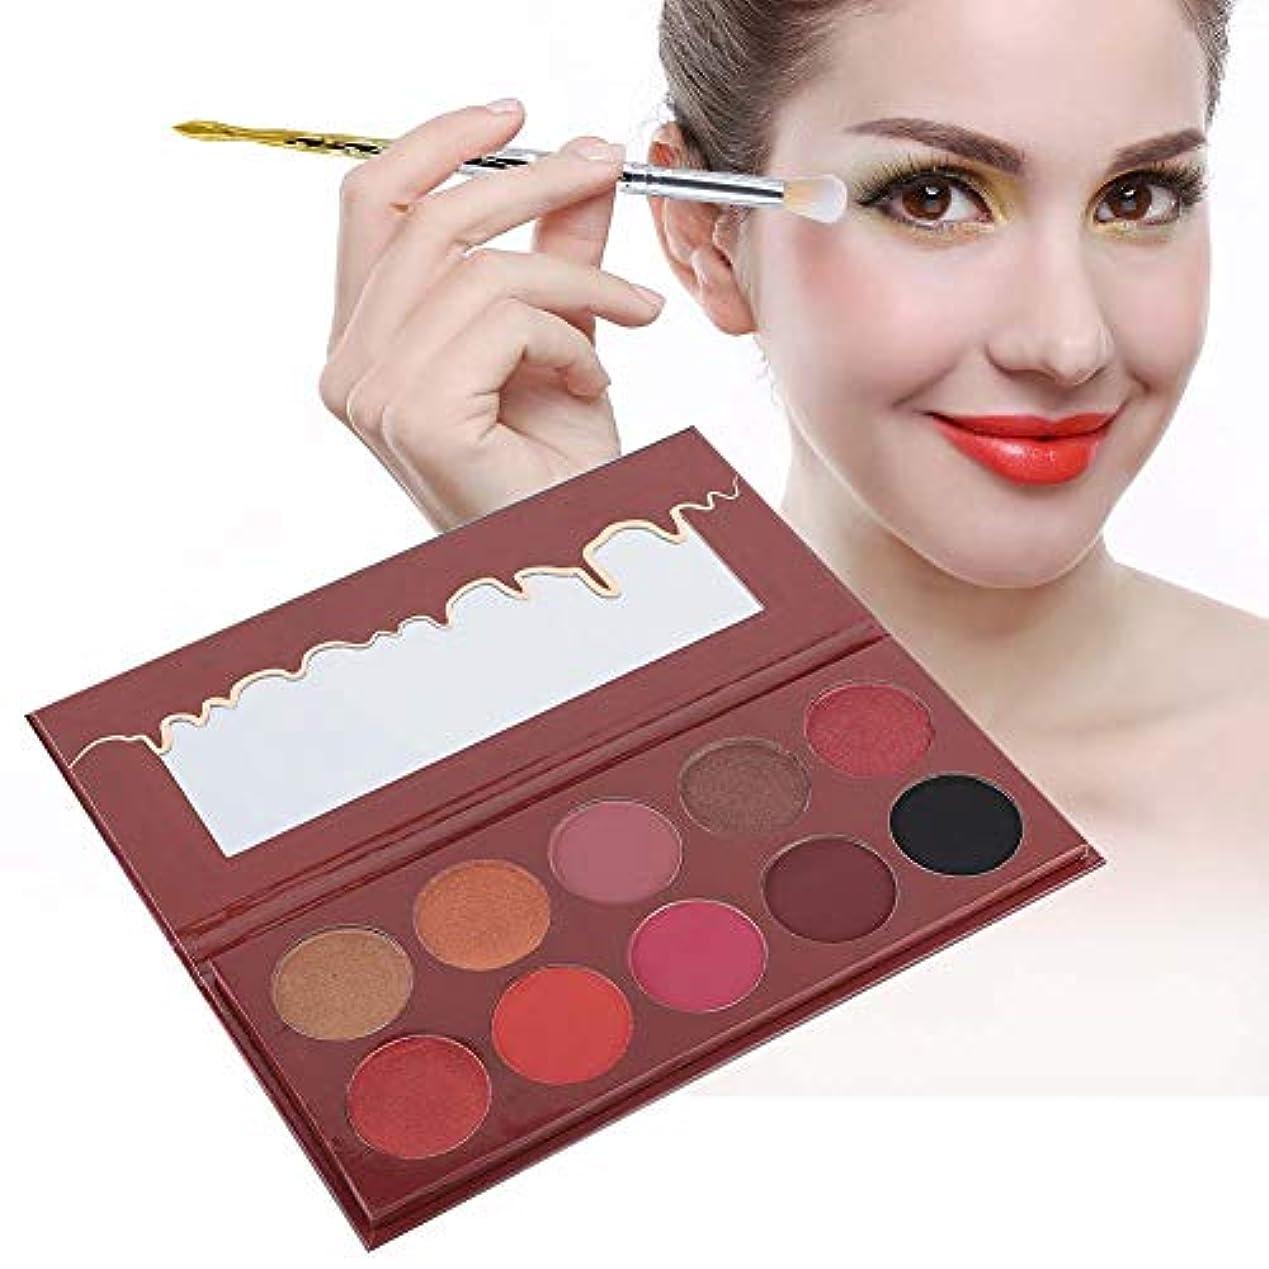 放課後イデオロギーブルゴーニュ10色 アイシャドウパレット アイシャドウパレット 化粧マット グロス アイシャドウパウダー 化粧品ツール